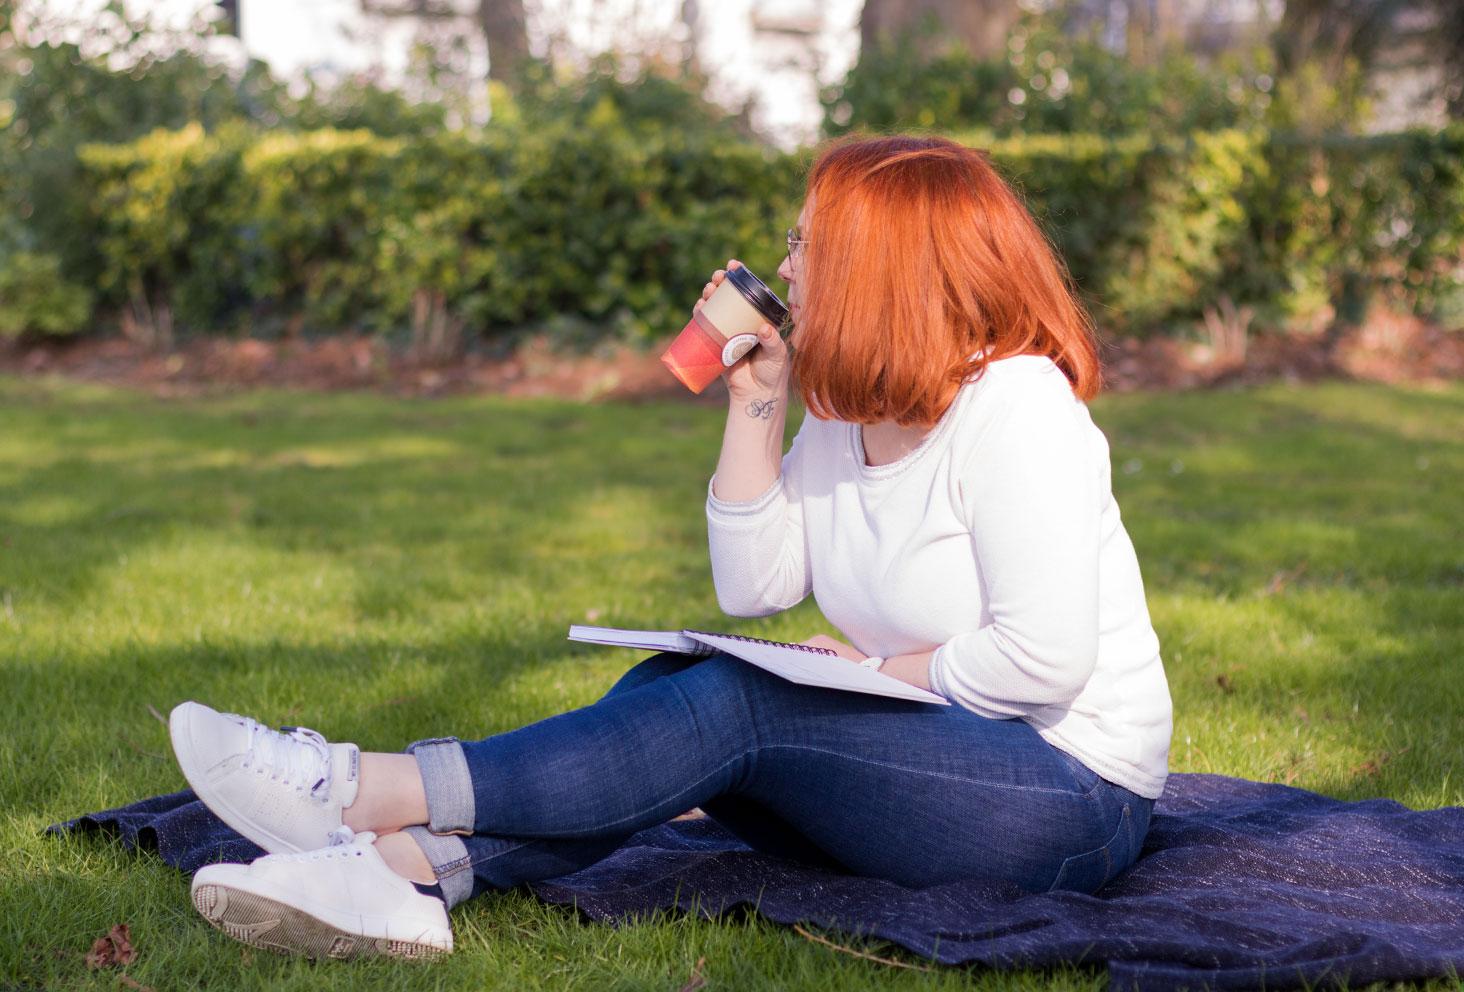 Assise au soleil sur un plaid dans l'herbe avec un café et un carnet ouvert sur les genoux